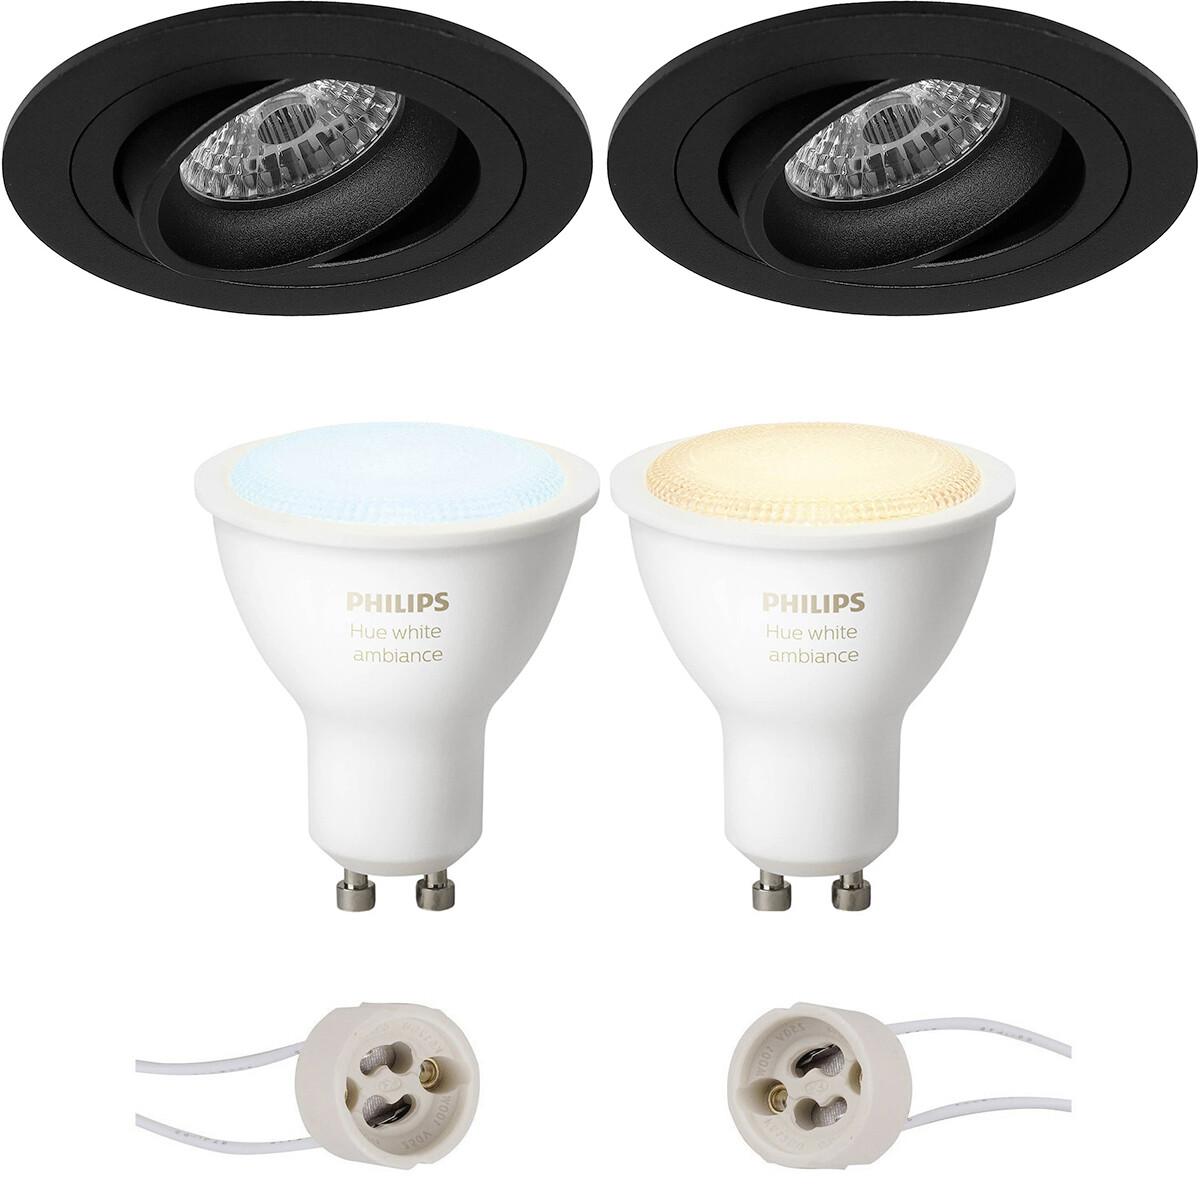 Pragmi Alpin Pro - Inbouw Rond - Mat Zwart - Kantelbaar Ø92mm - Philips Hue - LED Spot Set GU10 - Wh